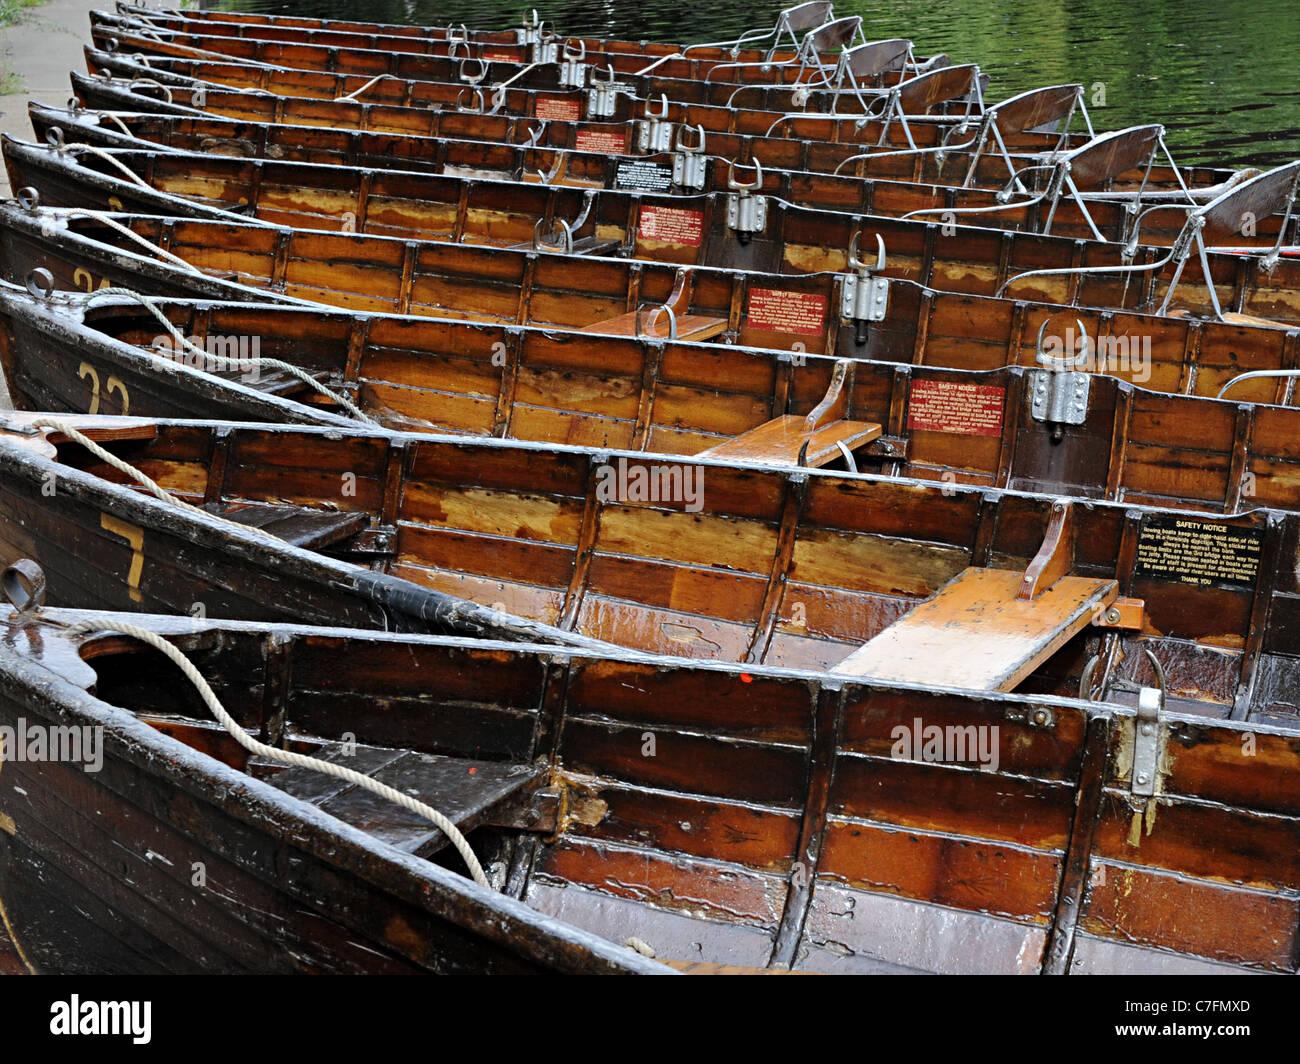 Vecchio sterline in legno sul fiume usura in Durham Immagini Stock